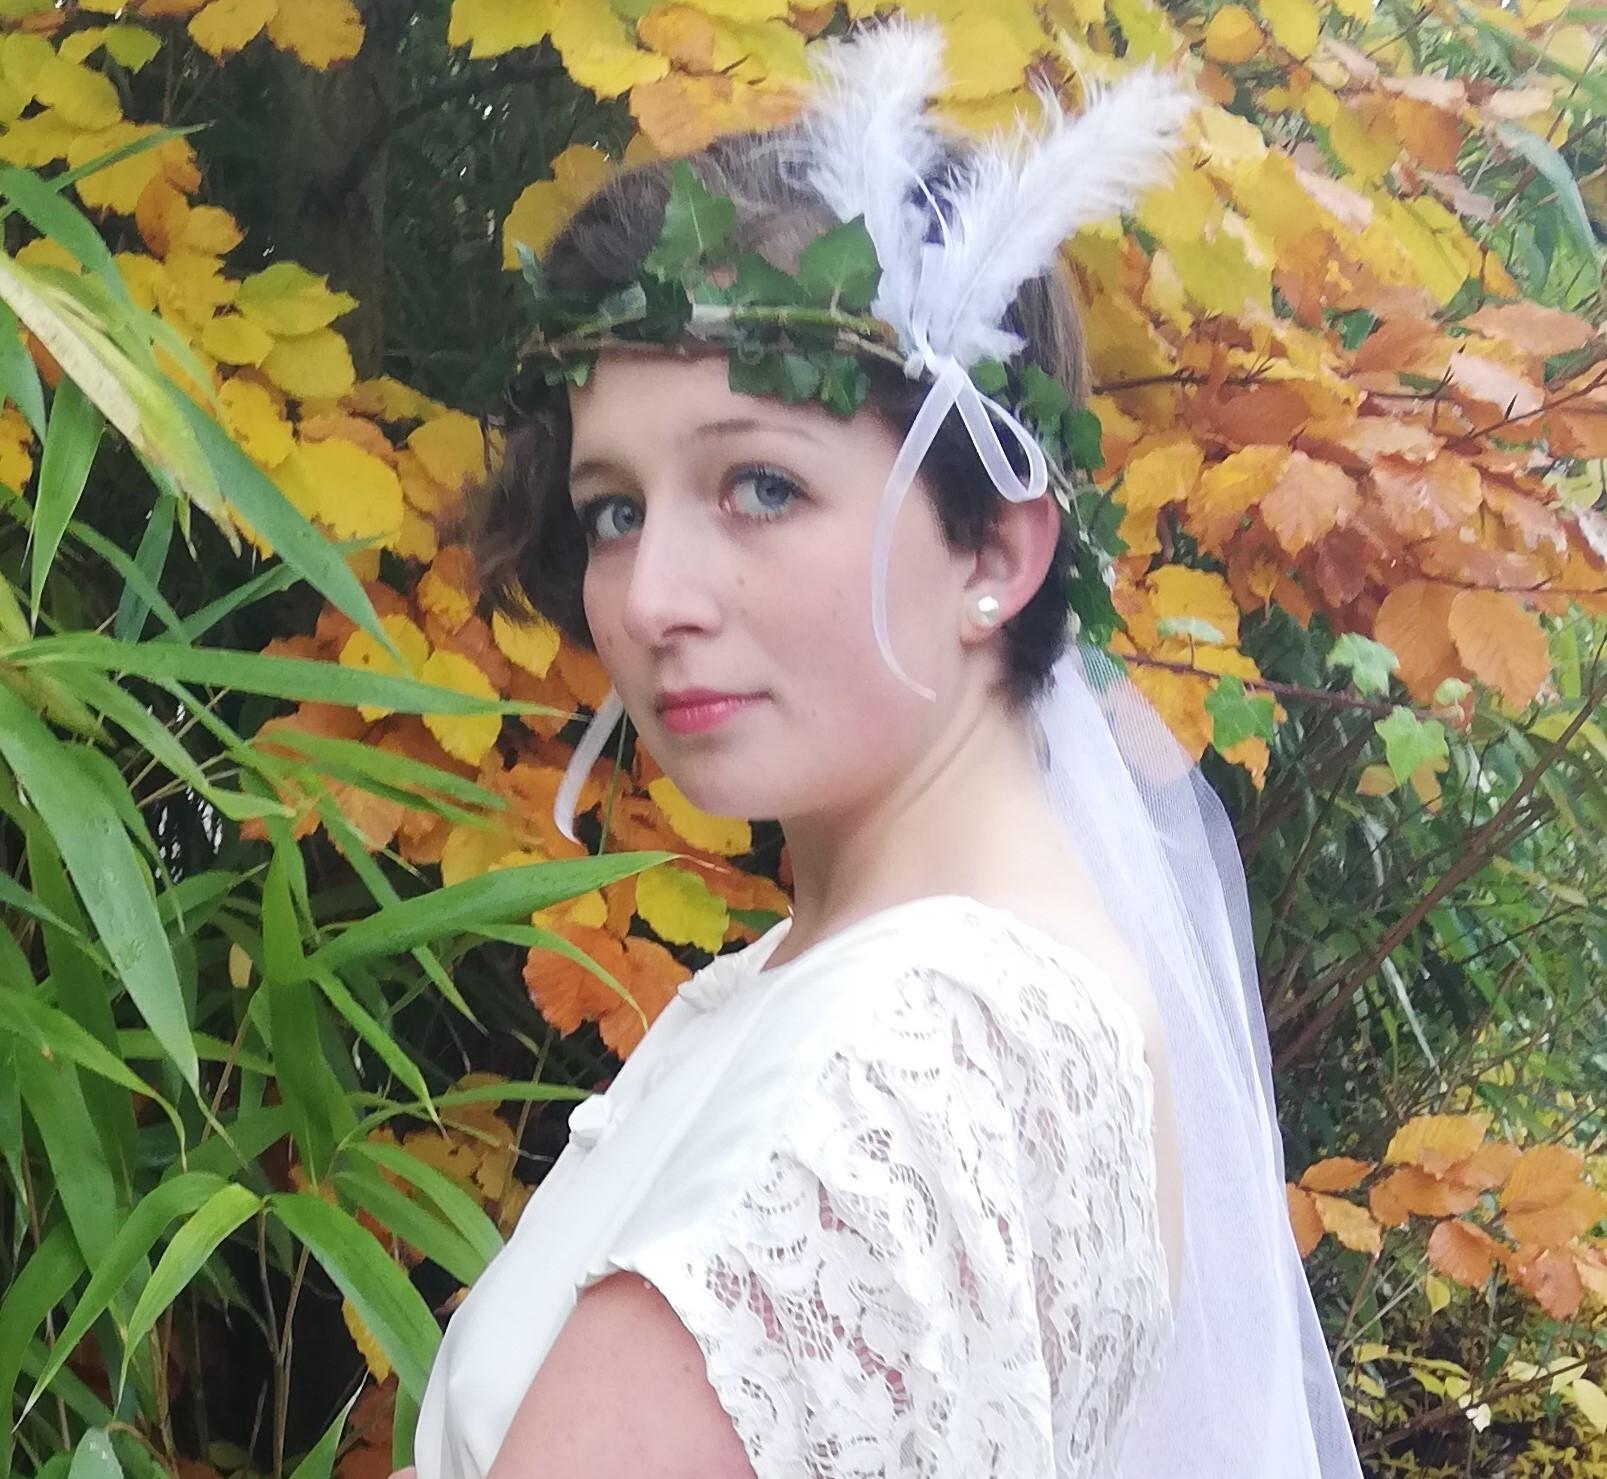 Robe de mariee reversible dentelle tulle et viscose rose faconnee a la main avec un coeur de nacre couronne fleurs et plumes fifi au jardin pose 14